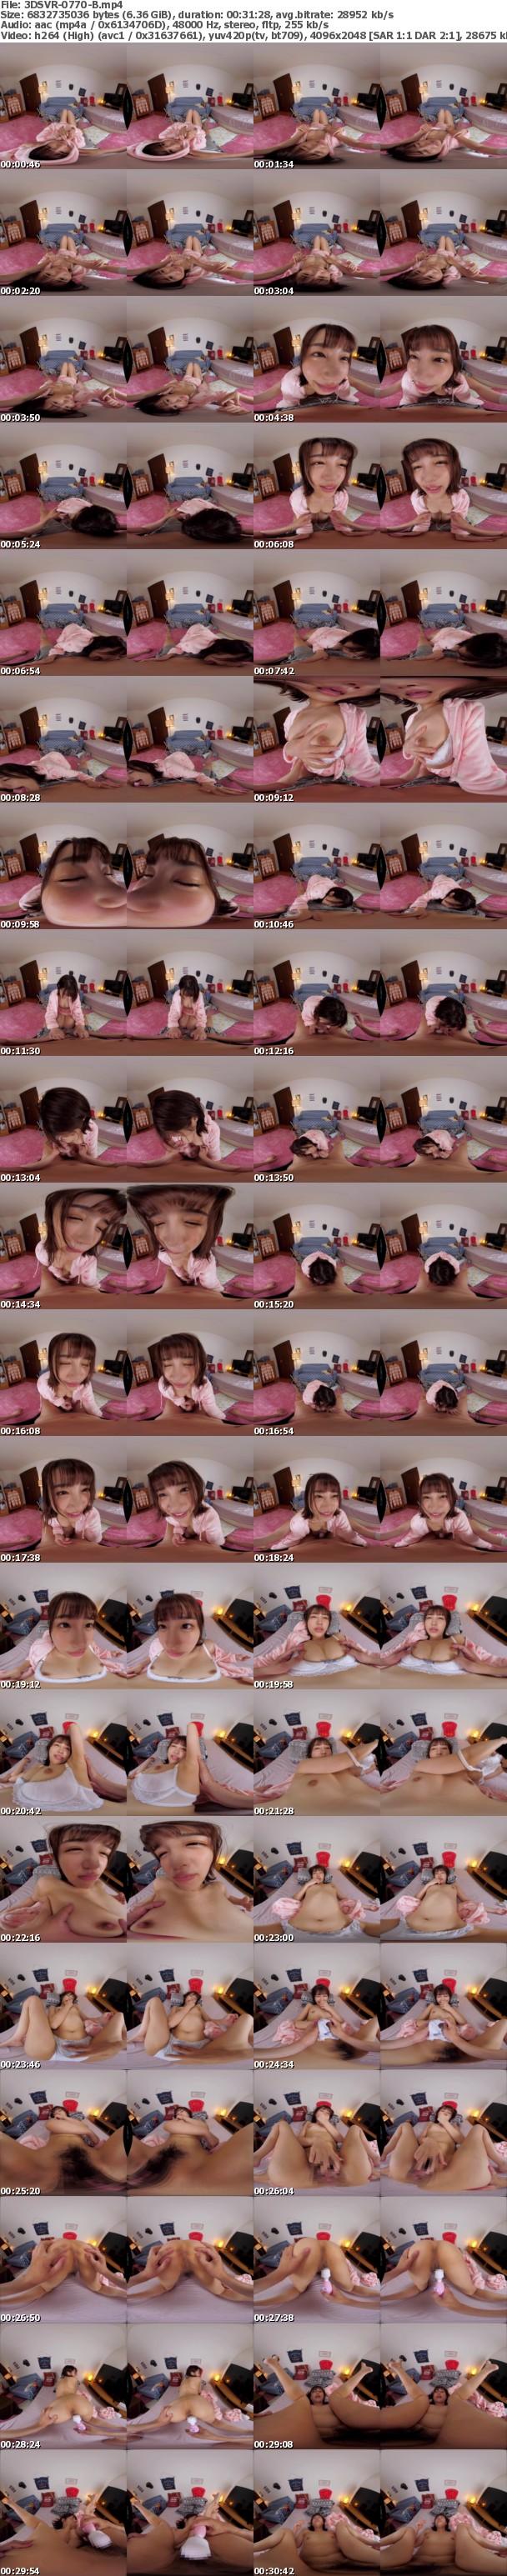 (VR) 3DSVR-0770 リアル同棲彼女 めちゃくちゃ可愛い唯井まひろちゃんが僕のことを大好きでしかも超エッチ!こんな子と一緒に住んだら毎日楽しくイチャイチャしてSEXしまくる究極ラブラブ同棲日記